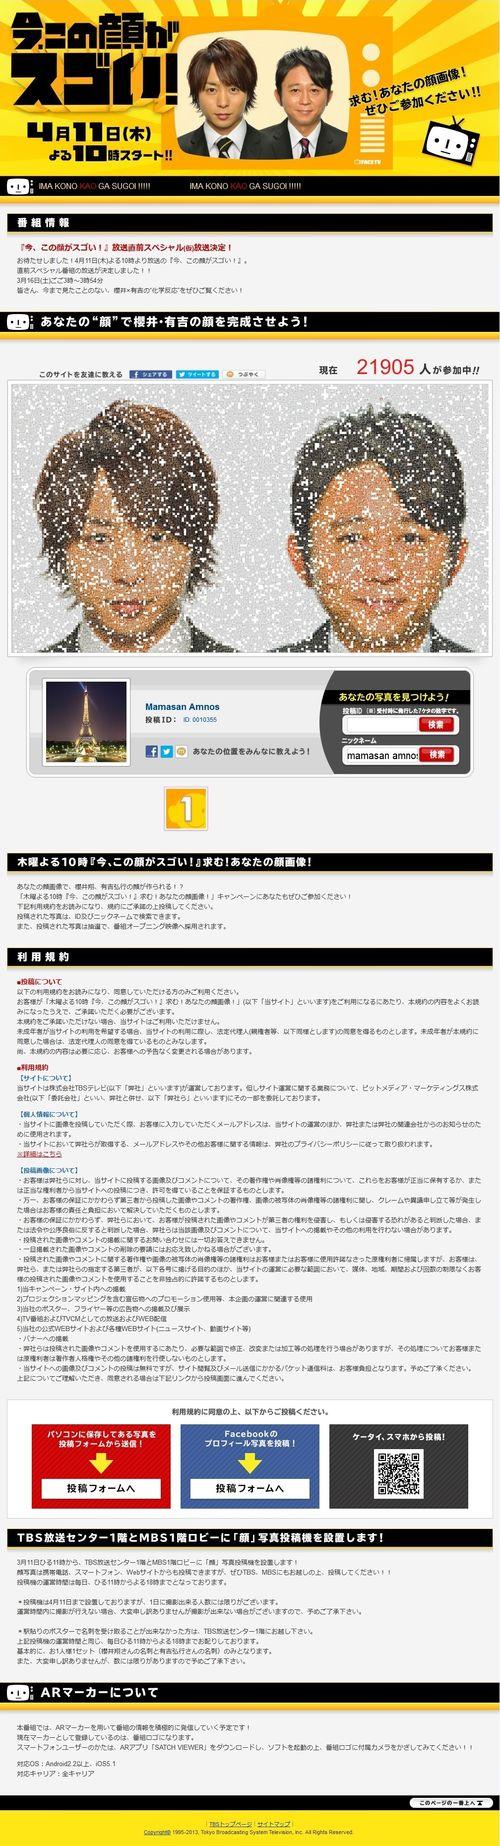 2013.03.16 IMA KONO KAO GA SUGOI 01